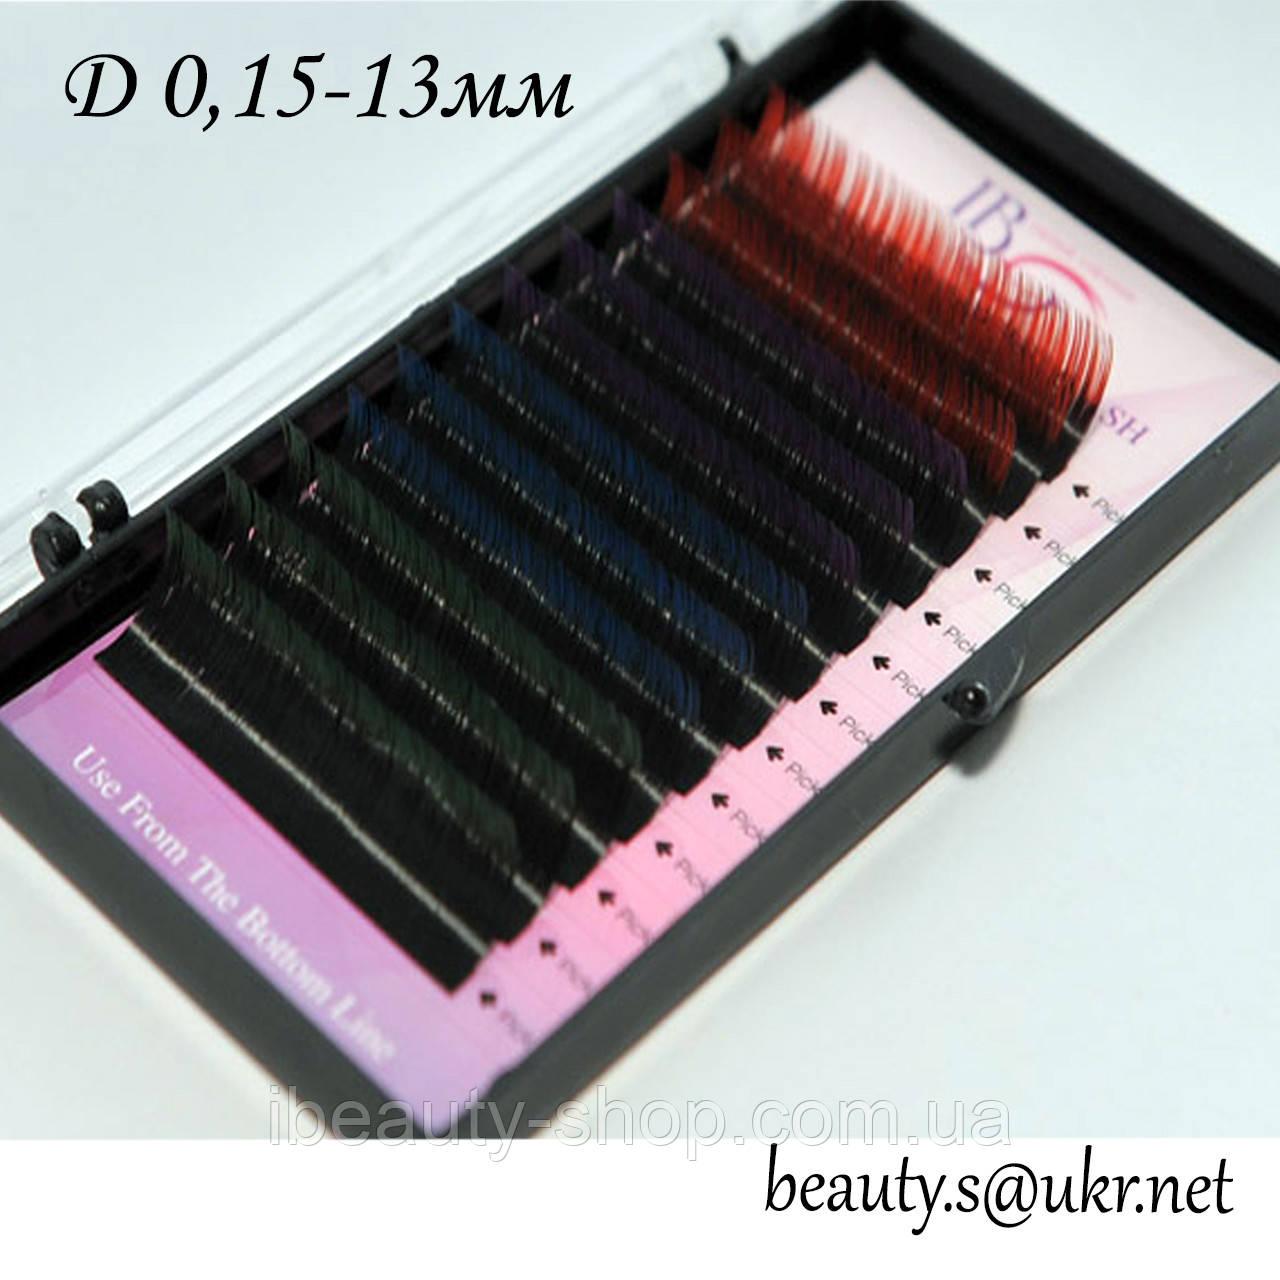 Ресницы I-Beauty, Д 0,15-13мм,цветные концы,4 цвета